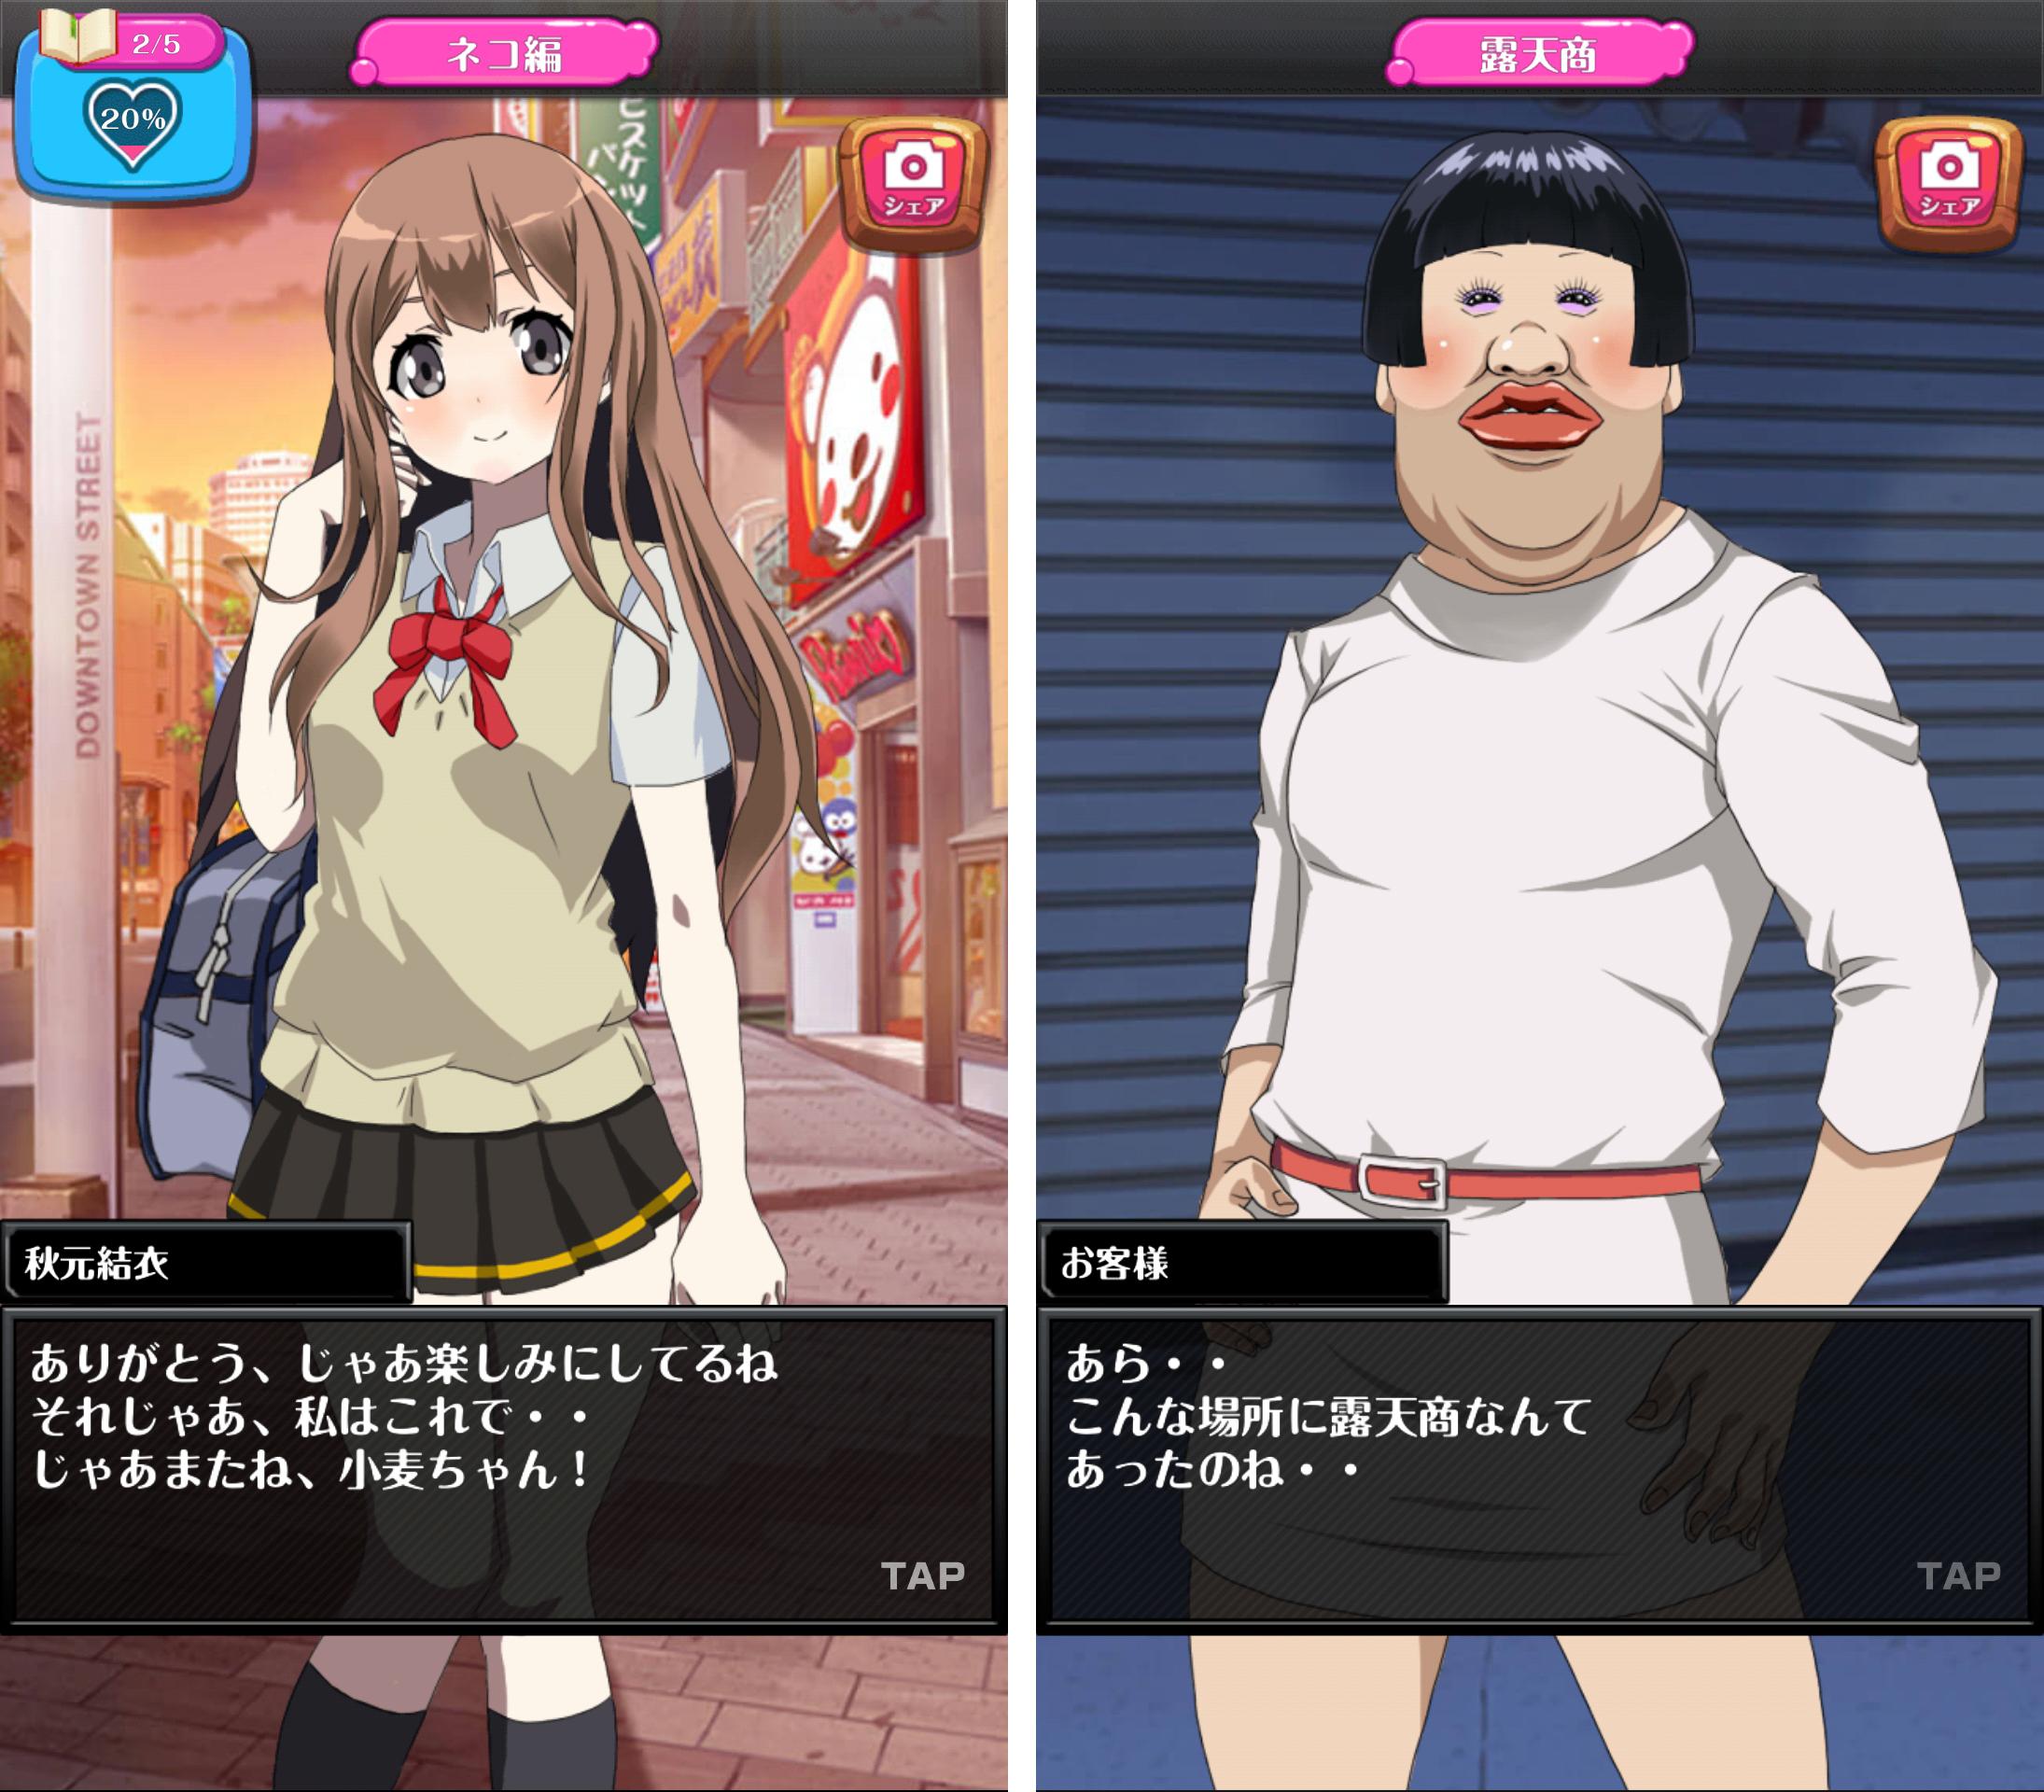 androidアプリ 擬人缶~俺のペットが少女になった~攻略スクリーンショット6